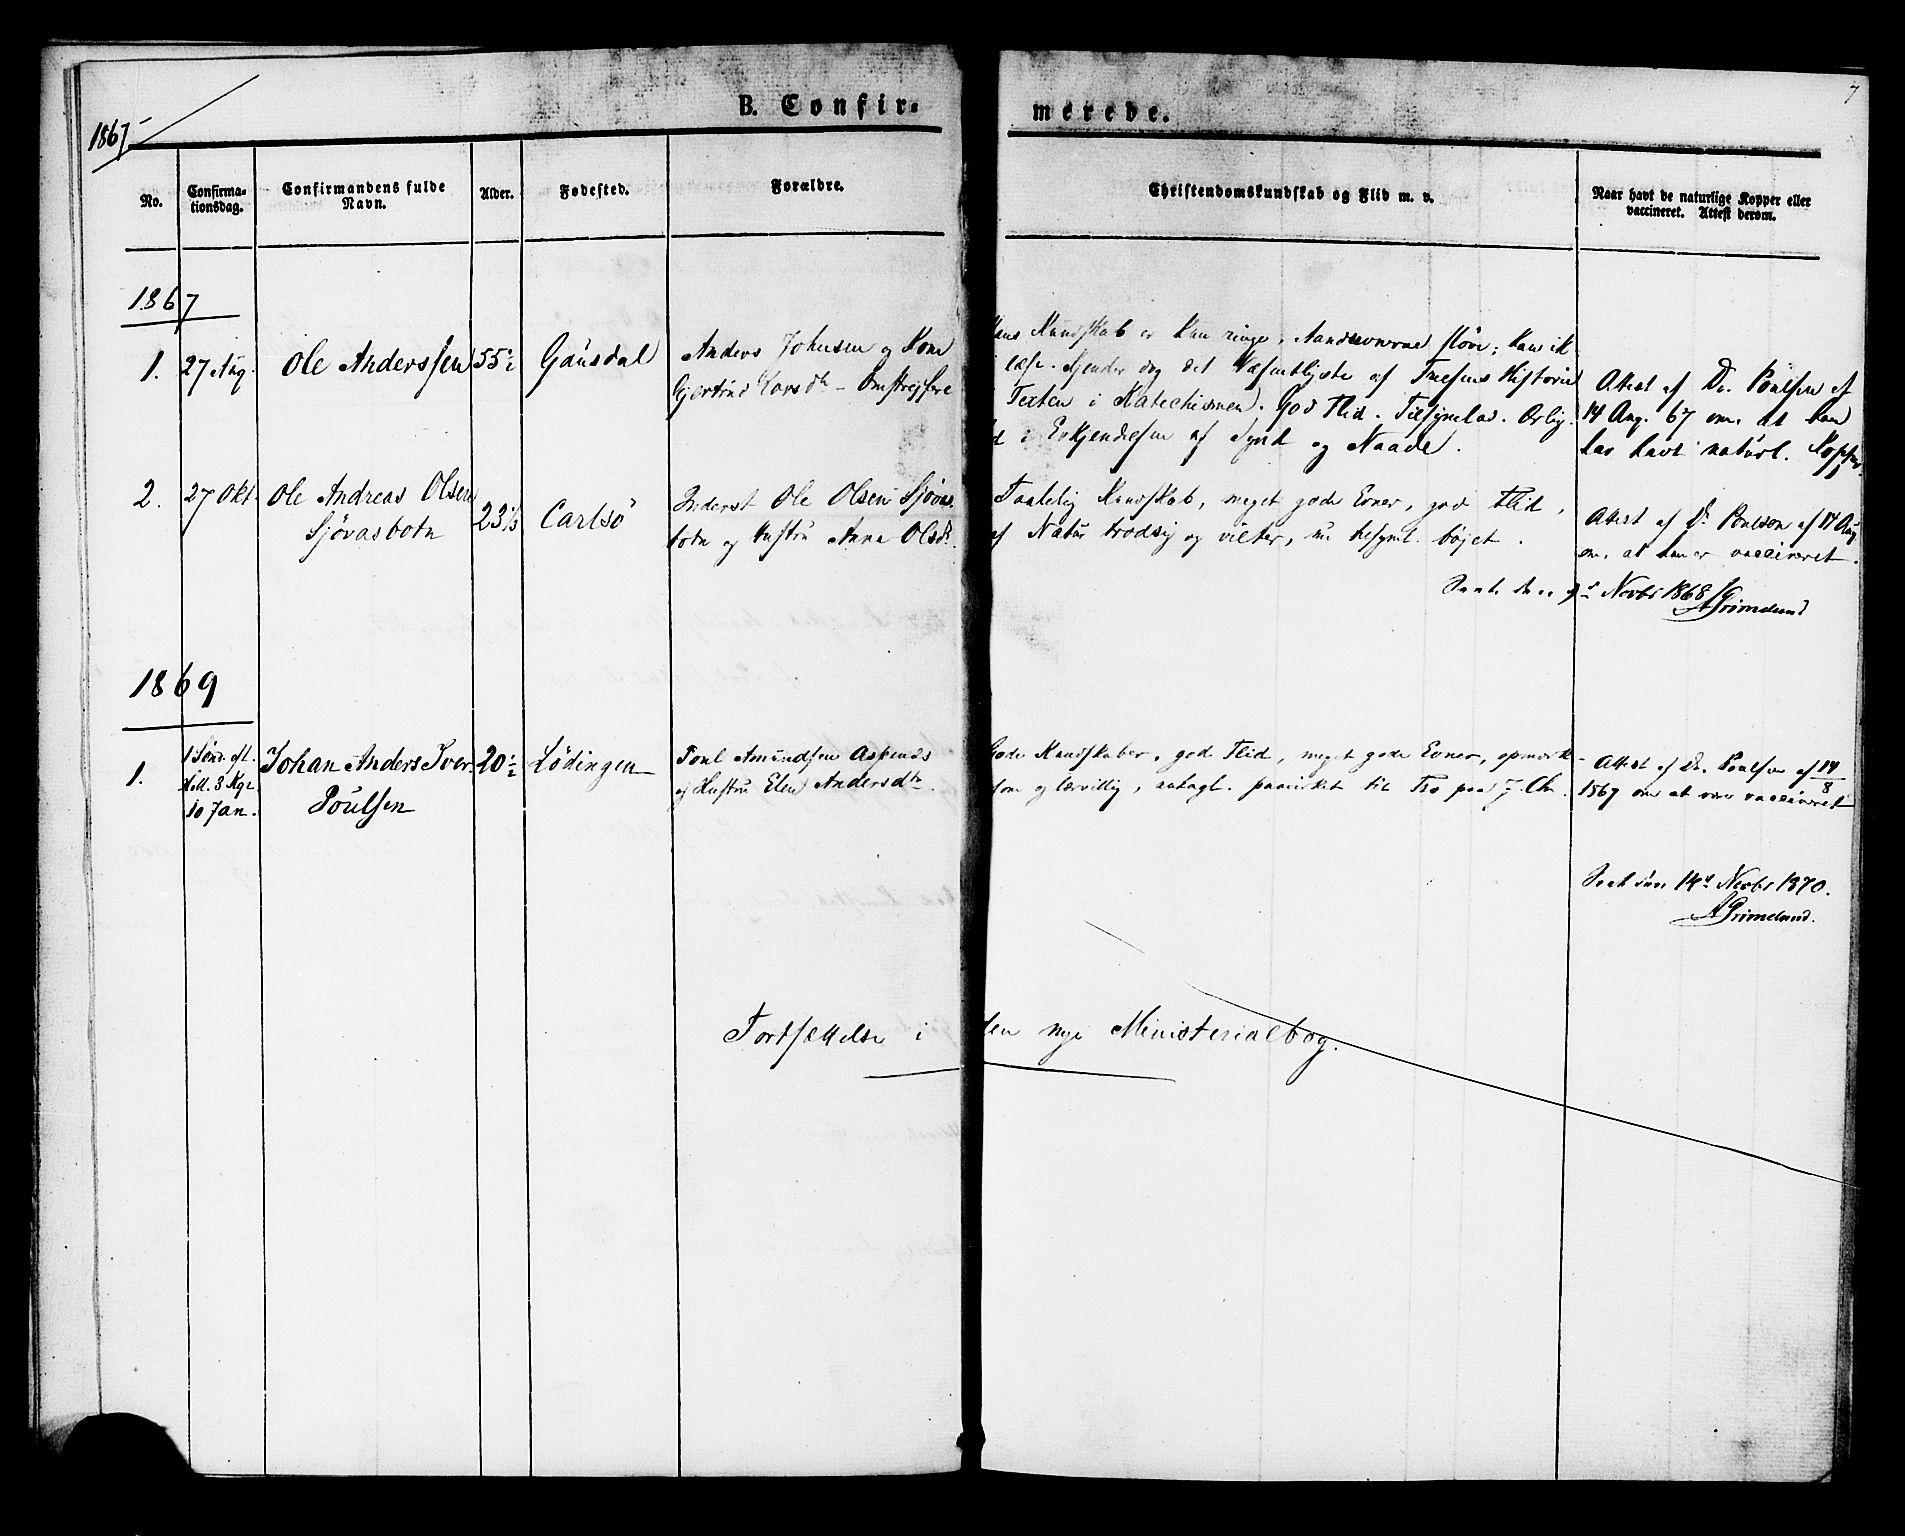 SAT, Ministerialprotokoller, klokkerbøker og fødselsregistre - Sør-Trøndelag, 624/L0481: Ministerialbok nr. 624A02, 1841-1869, s. 7